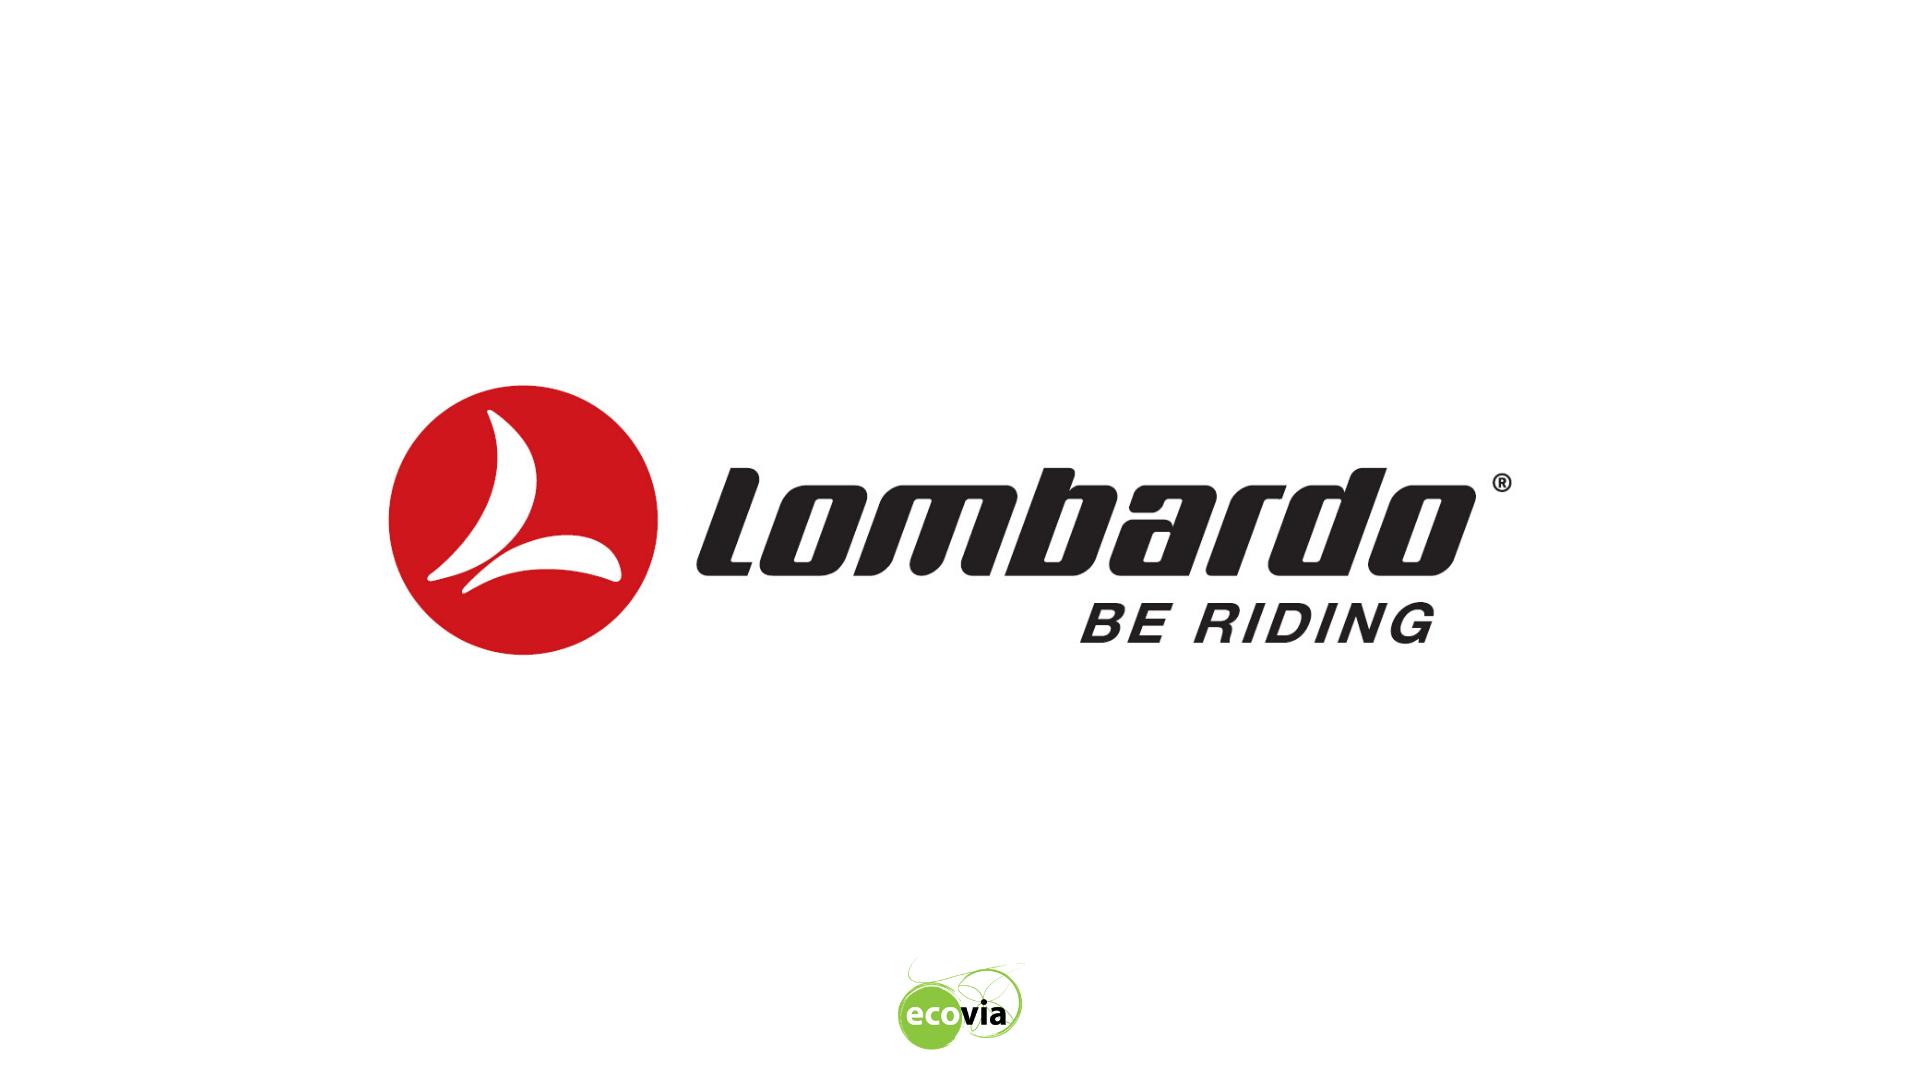 biciclette lombardo